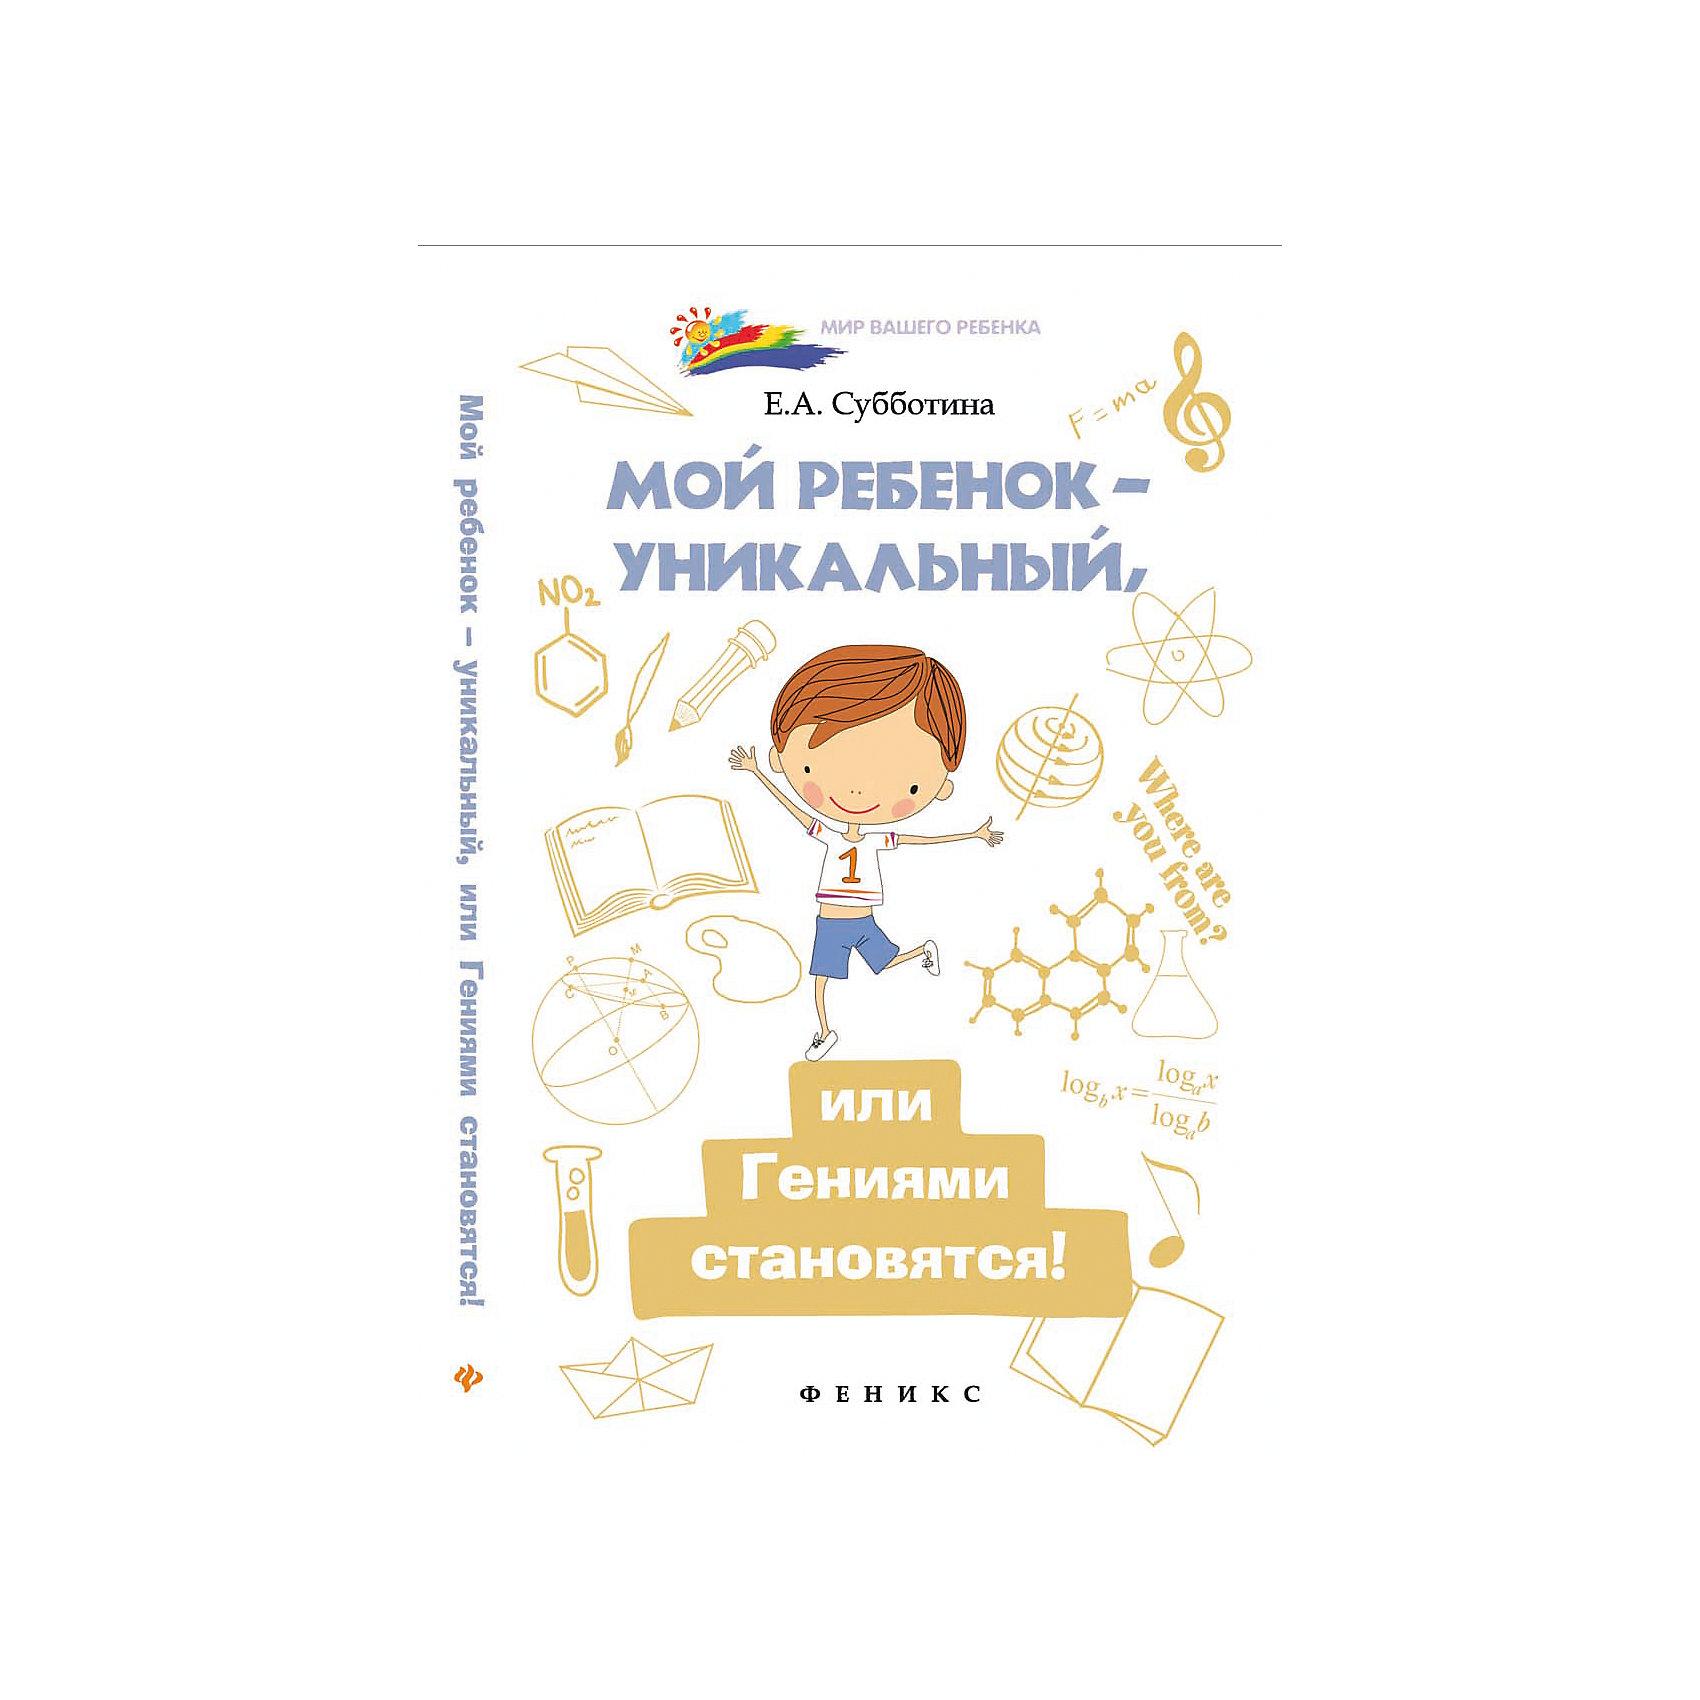 Книга Мой ребенок - уникальный, или Гениями становятся!Каждый родитель считает своего малыша уникальным и оказывается абсолютно прав. А вот как эту уникальность развить, помочь проявить оларснность ребенка, выявить таланты или даже пробудить гениальность? Как воспитать своего ребенка не только здоровым, разум<br><br>Ширина мм: 80<br>Глубина мм: 125<br>Высота мм: 201<br>Вес г: 172<br>Возраст от месяцев: -2147483648<br>Возраст до месяцев: 2147483647<br>Пол: Унисекс<br>Возраст: Детский<br>SKU: 5501031